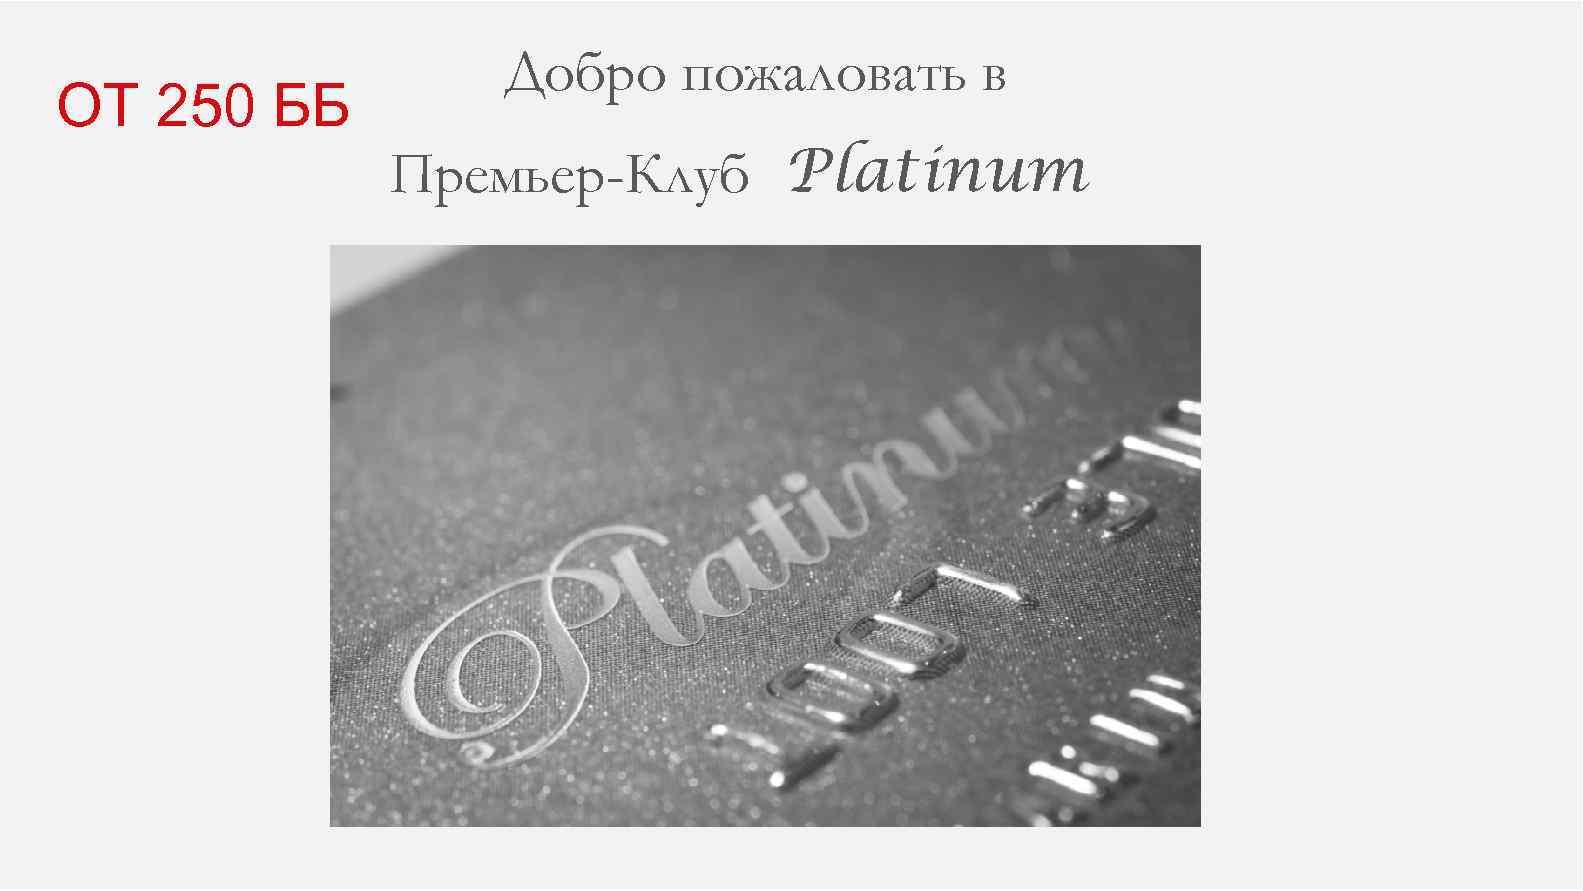 ОТ 250 ББ Добро пожаловать в Премьер-Клуб Platinum